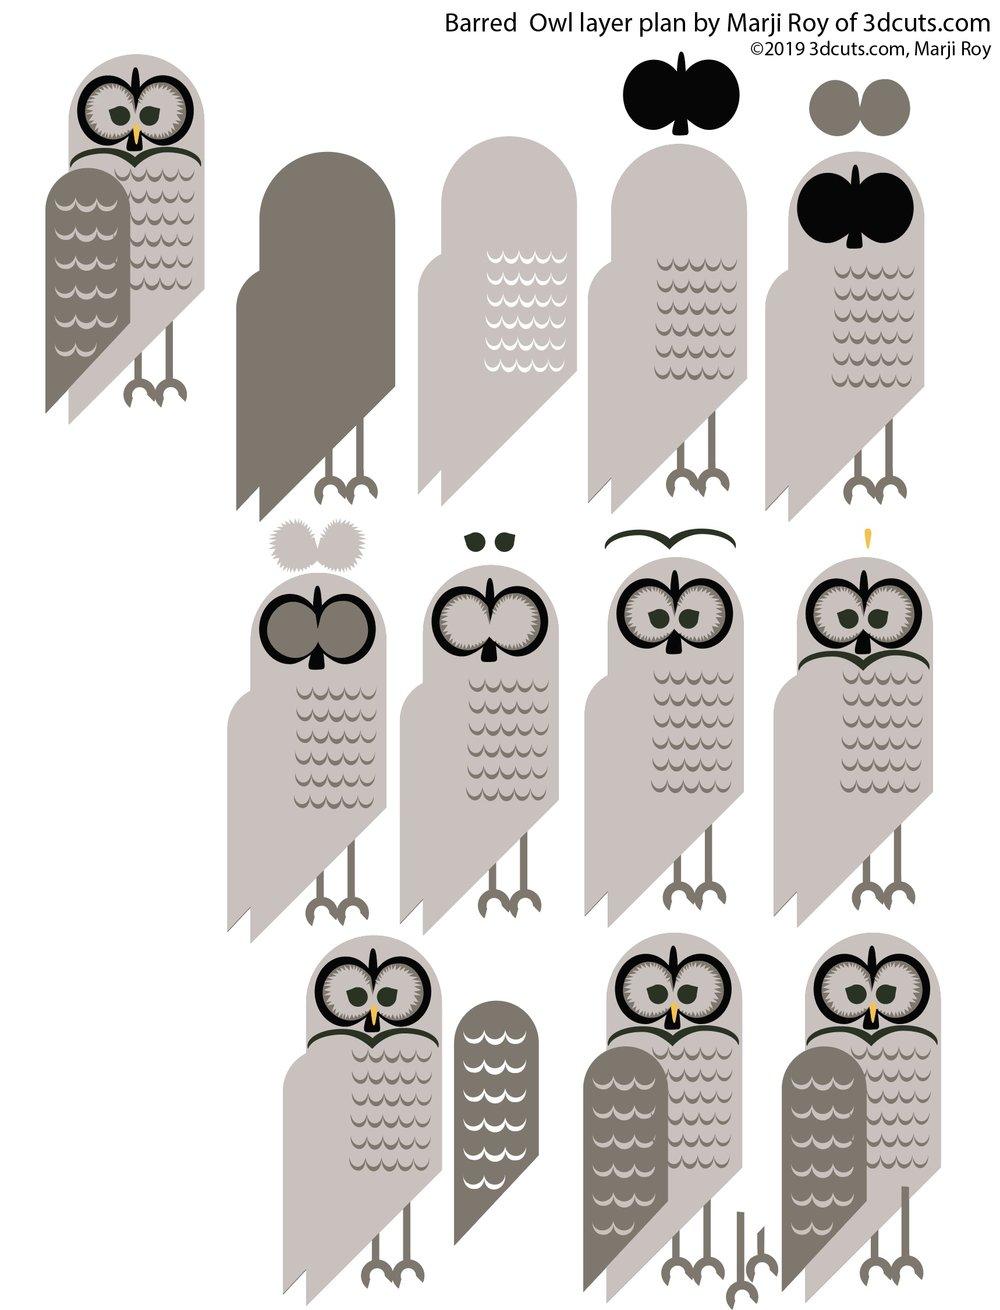 Barred owl constrcution 2.jpg